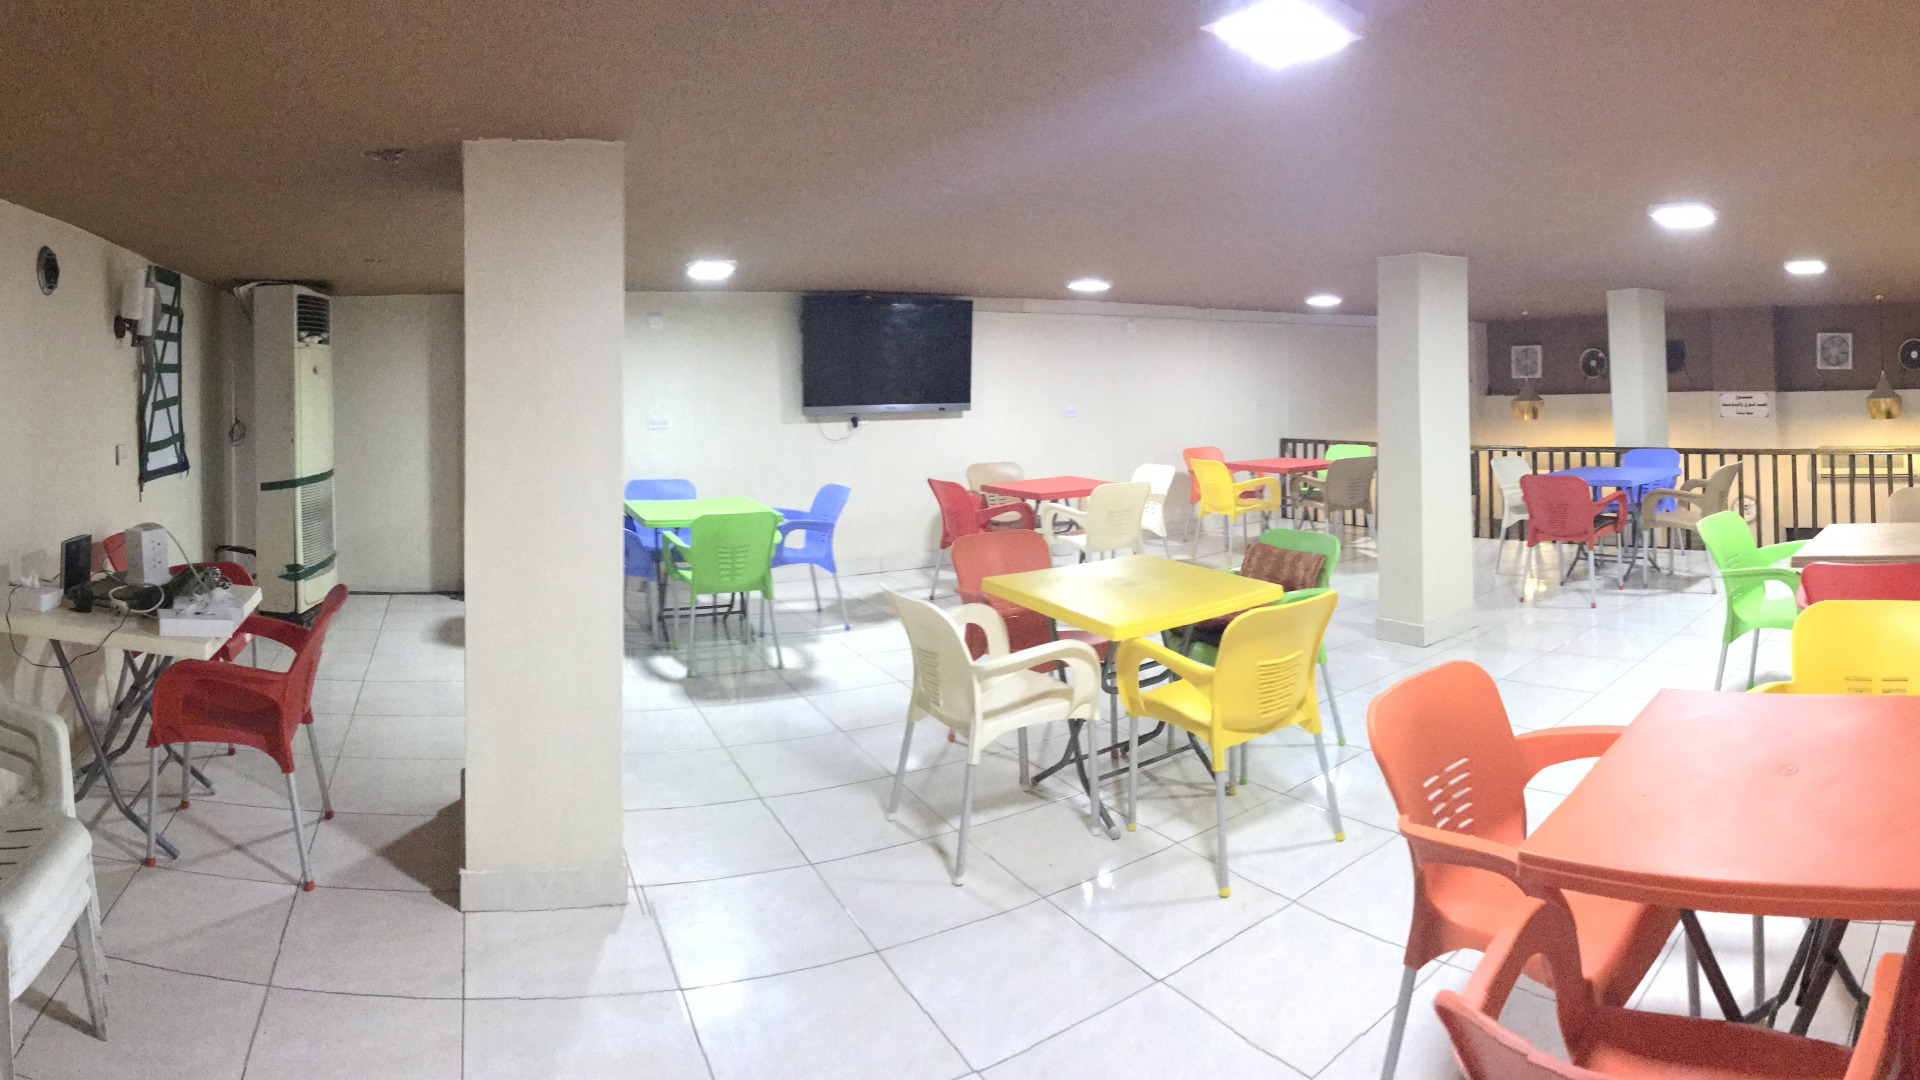 Espalion Du Cafe - Bahrain